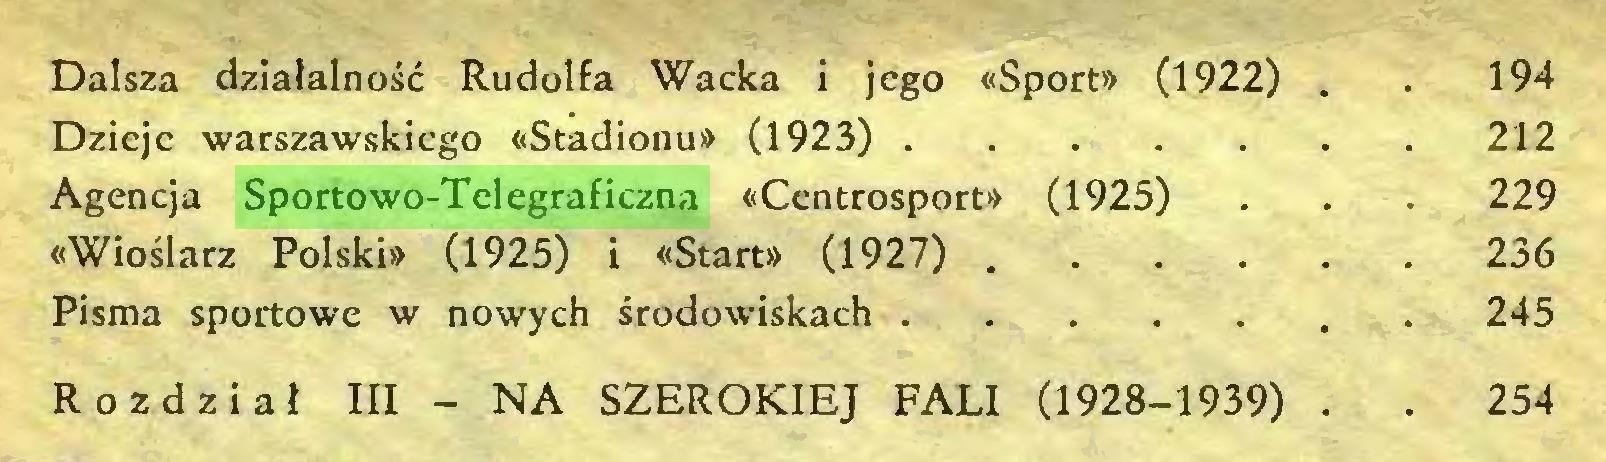 (...) Dalsza działalność Rudolfa Wacka i jego «Sport» (1922) . . 194 Dzieje warszawskiego «Stadionu» (1923) 212 Agencja Sportowo-Telegraficzna «Centrosport» (1925) . . . 229 «Wioślarz Polski» (1925) i «Start» (1927) 236 Pisma sportowe w nowych środowiskach 245 Rozdział III - NA SZEROKIEJ FALI (1928-1939) . . 254...